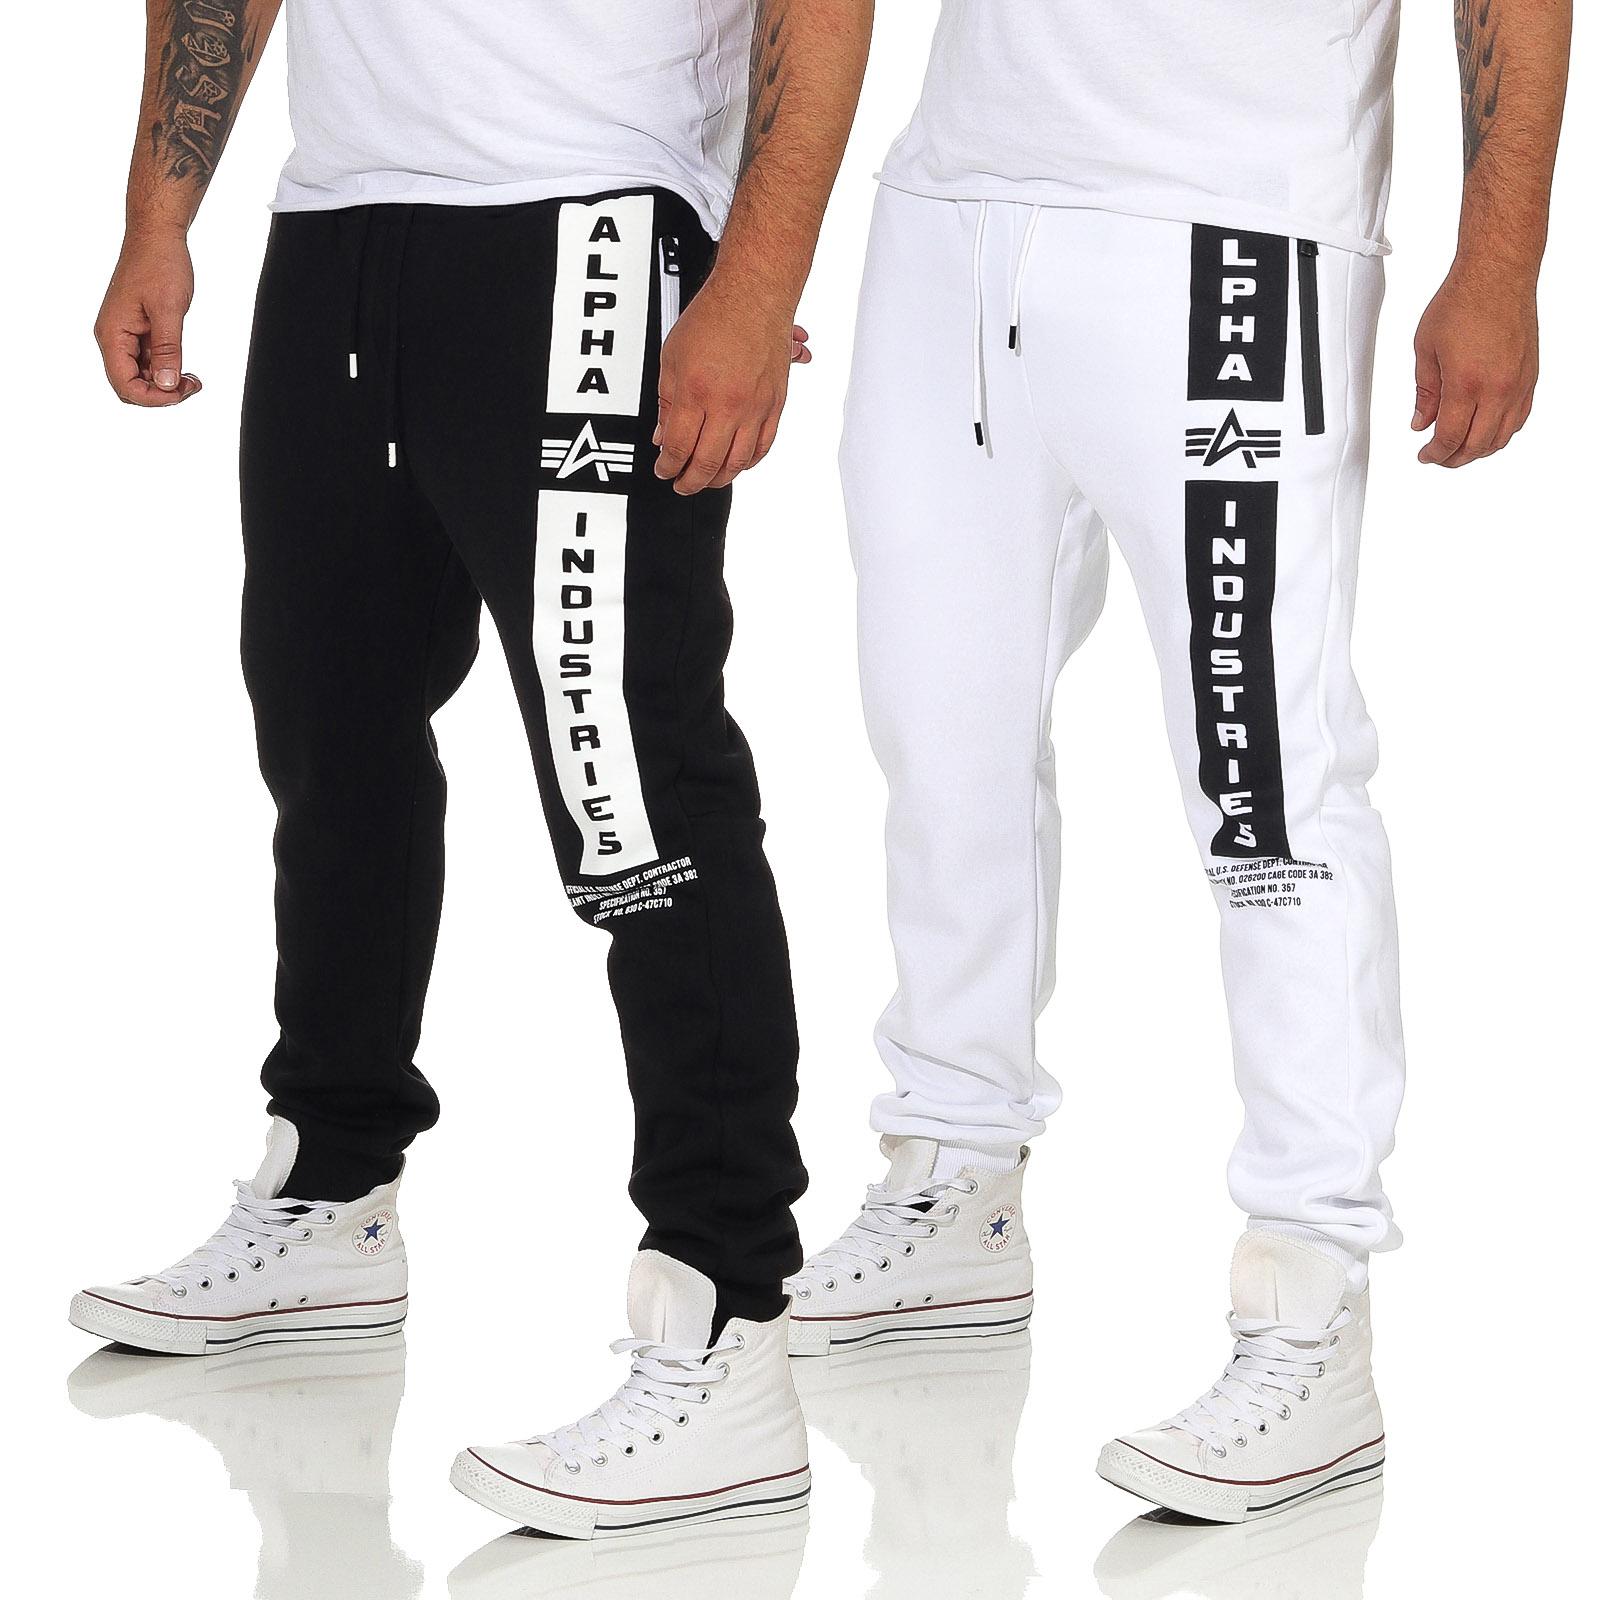 60/% khujo Damen Hose W 28 M Baumwolle Shorts Kurze Hose Cargo Hot Pants SALE